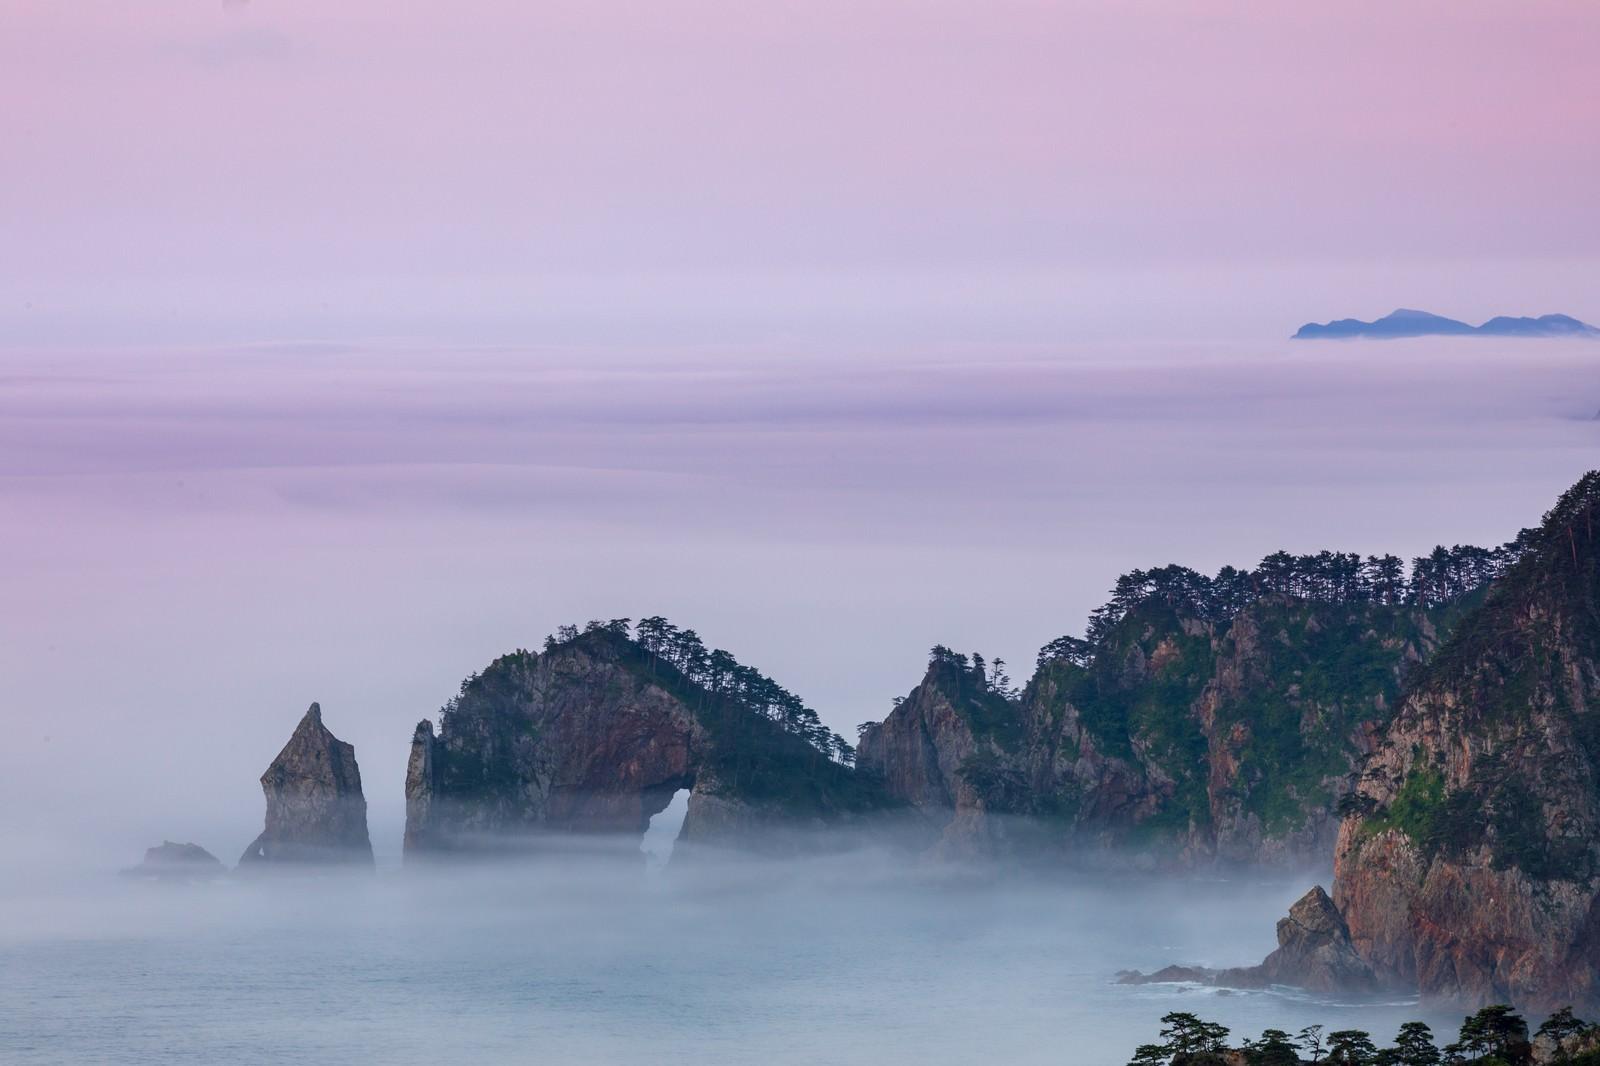 「濃い霧に覆われる北山崎断崖」の写真